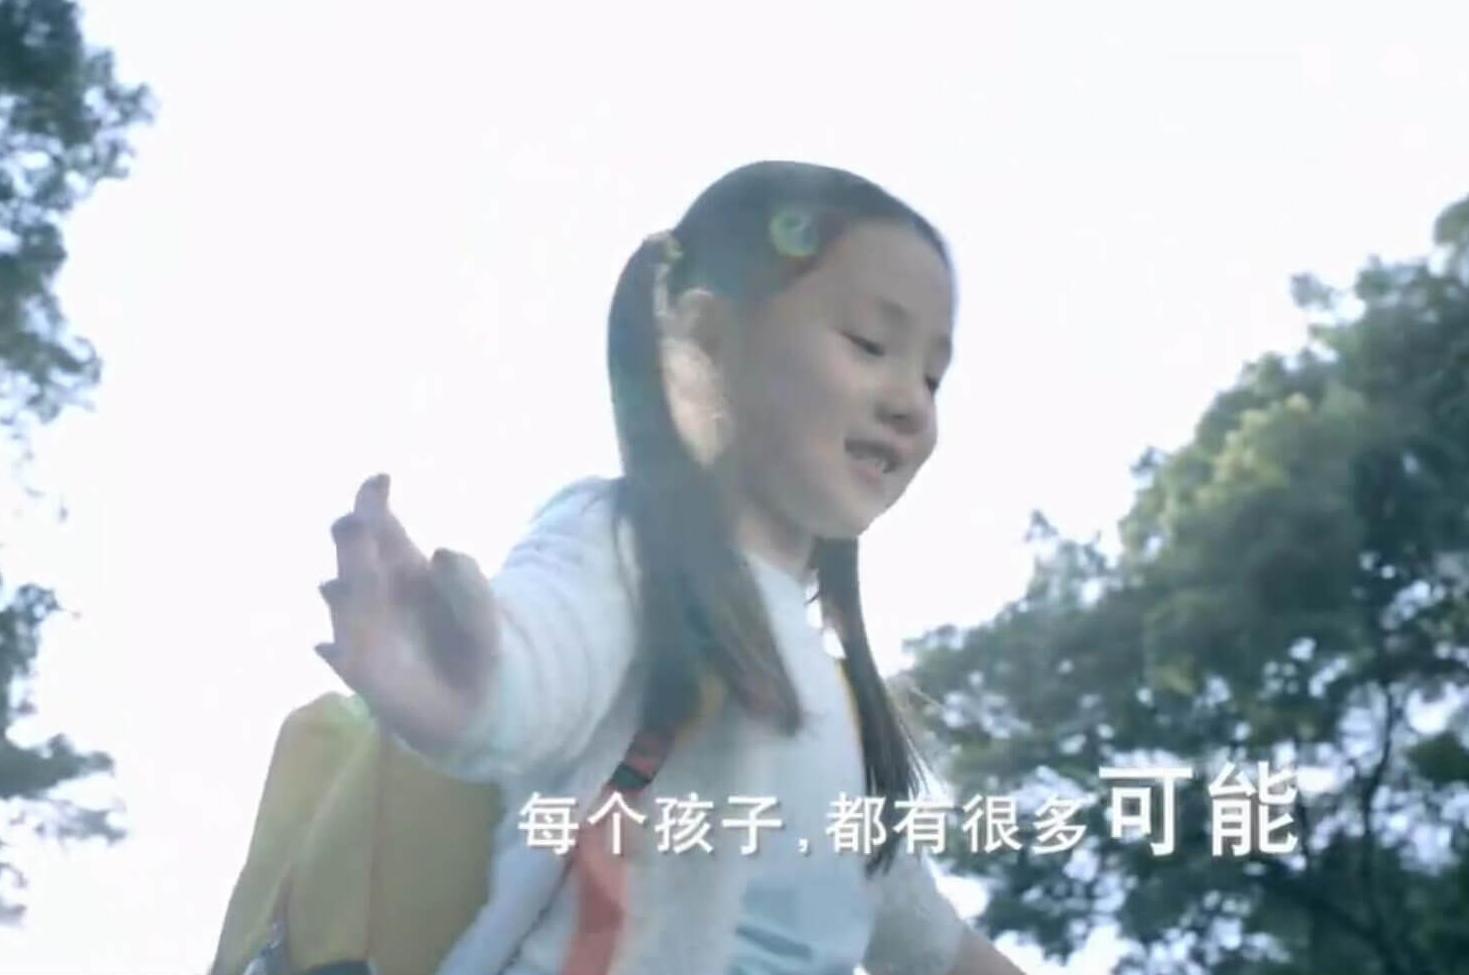 宇通校车公益广告登陆央视